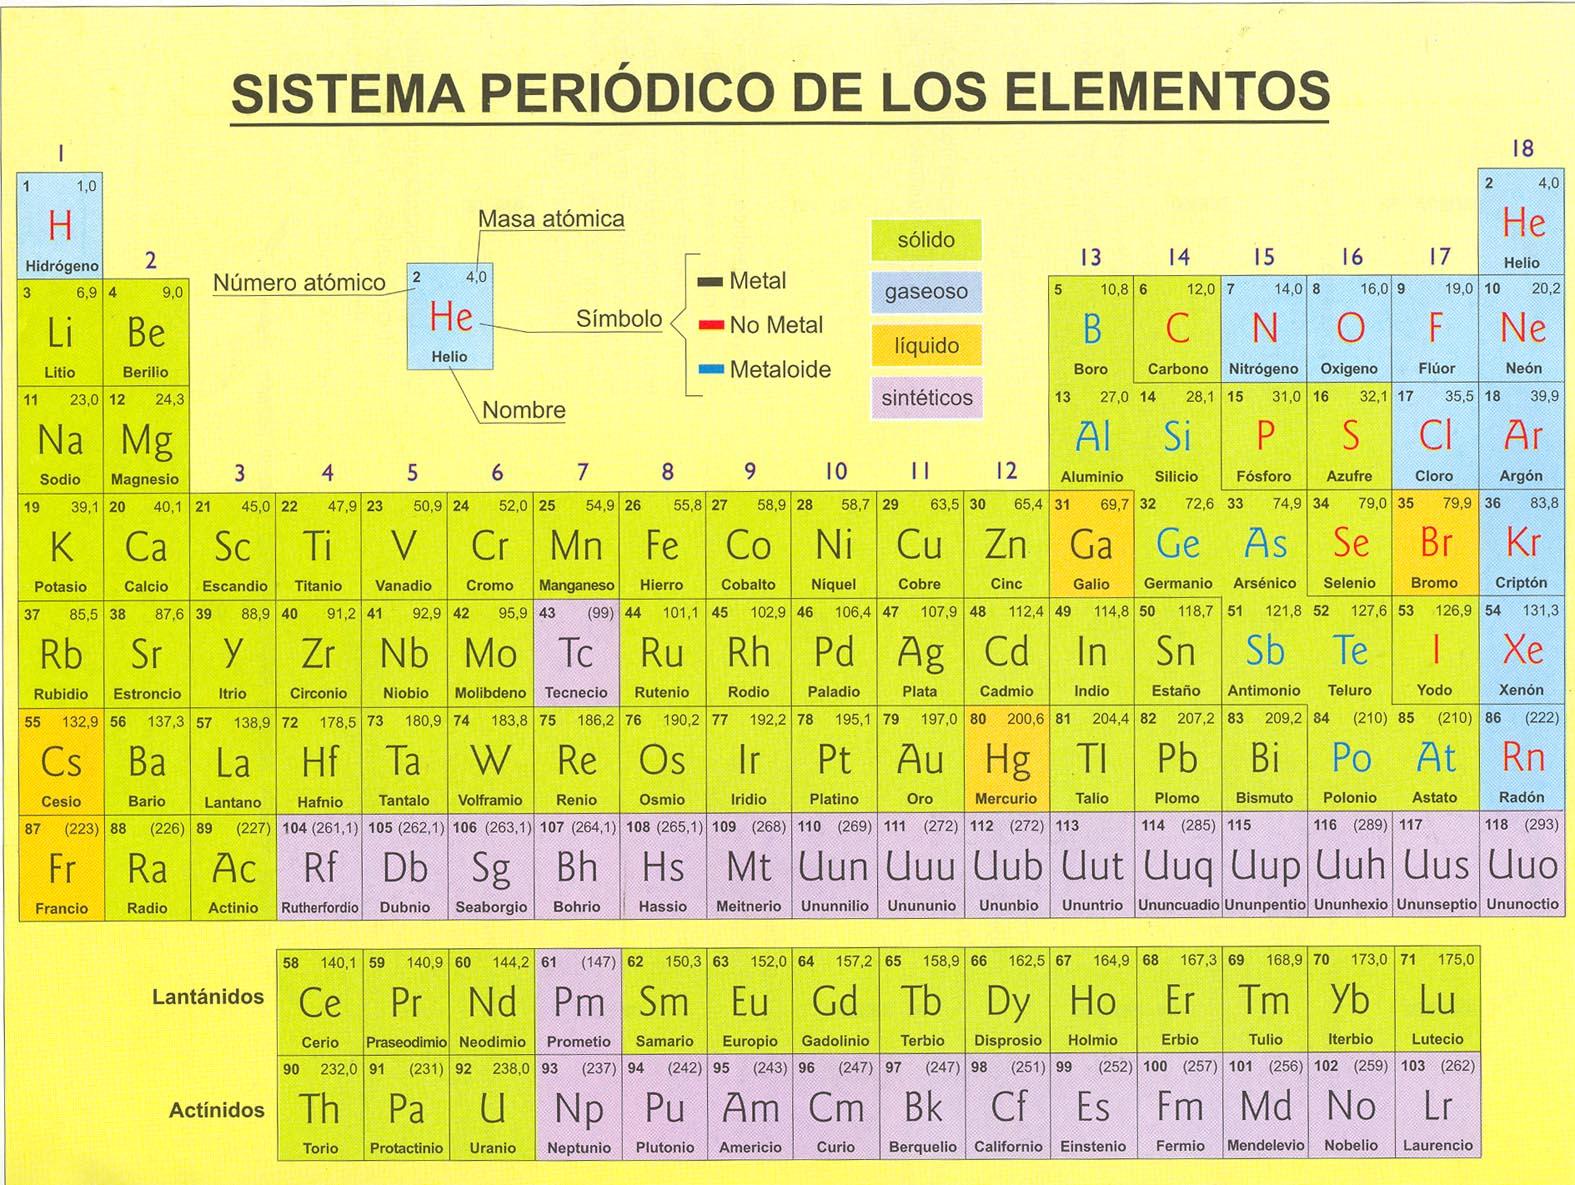 Quimica tabla periodica la tabla peridica de los elementos clasifica organiza y distribuye los distintos elementos qumicos conforme a sus propiedades y caractersticas urtaz Image collections